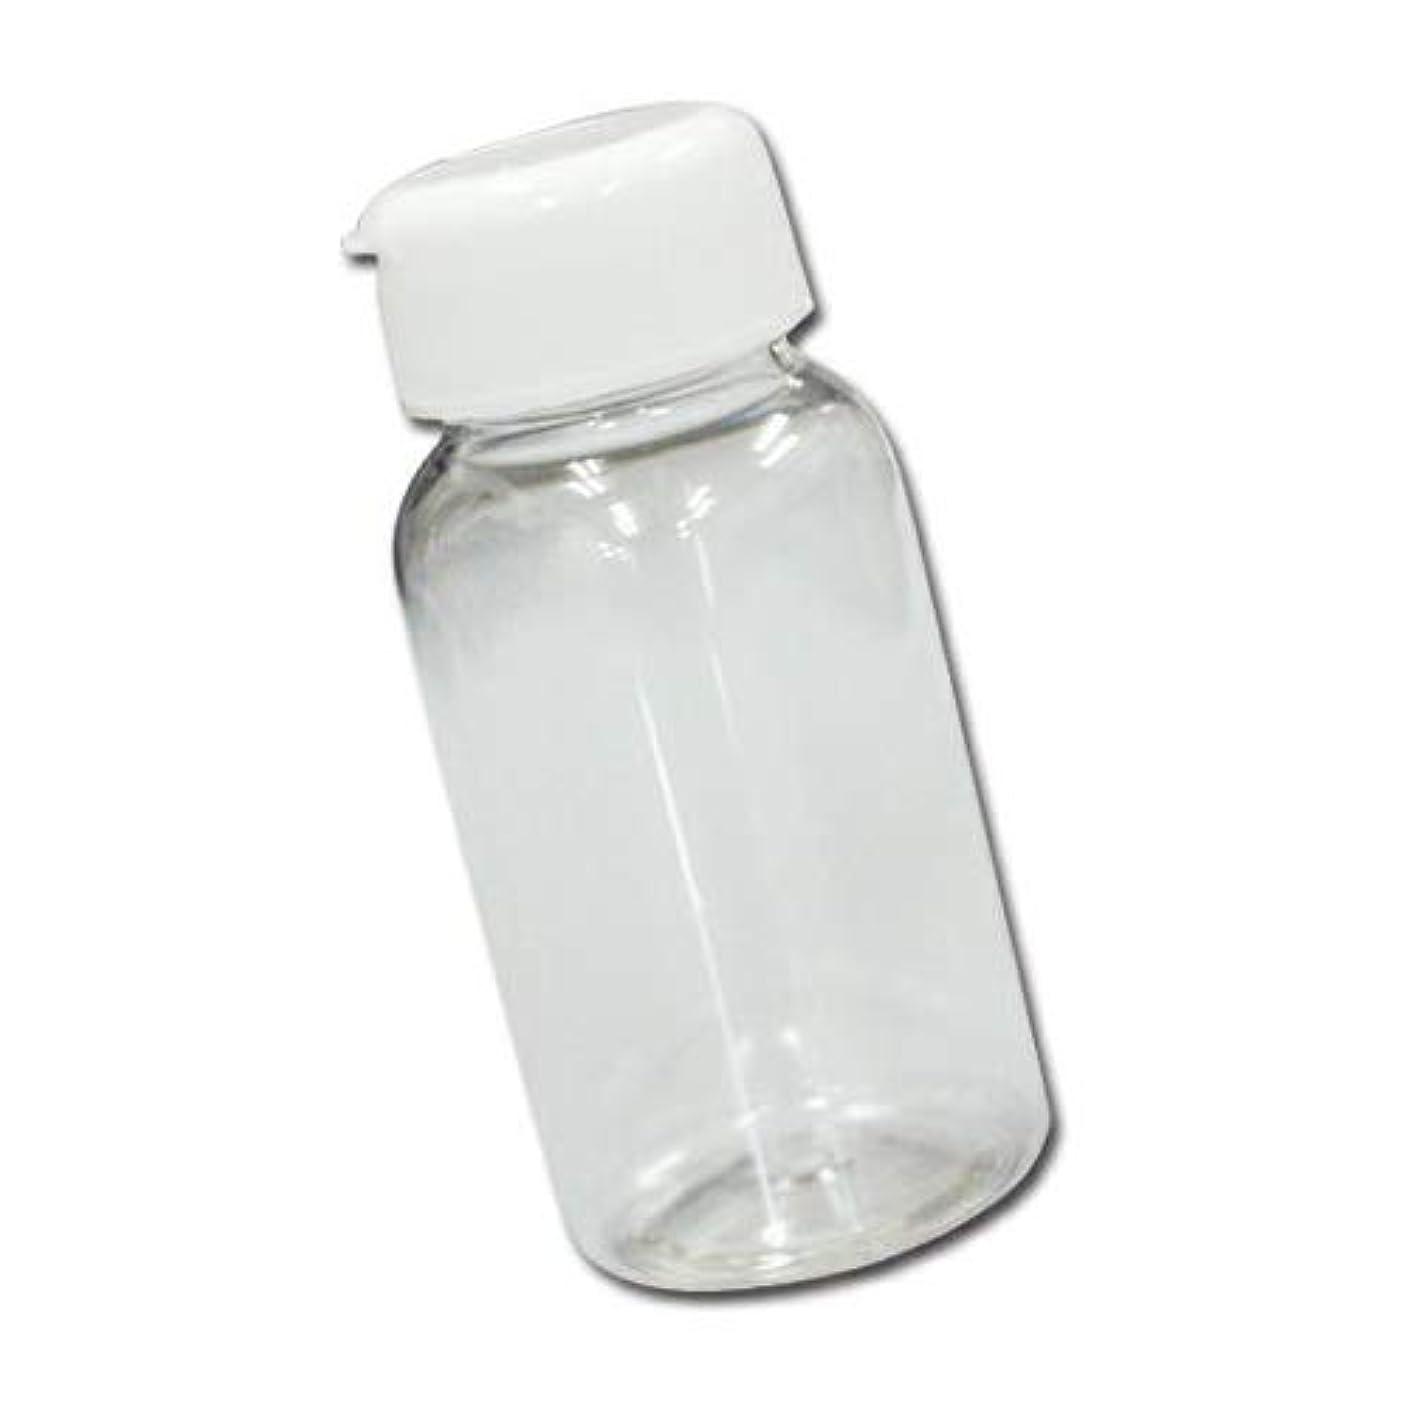 ハント指標不合格パウダー用詰め替え容器200mlボトル│業務用マッサージパウダーや調味料の小分けに最適な穴あき詰め替えボトル